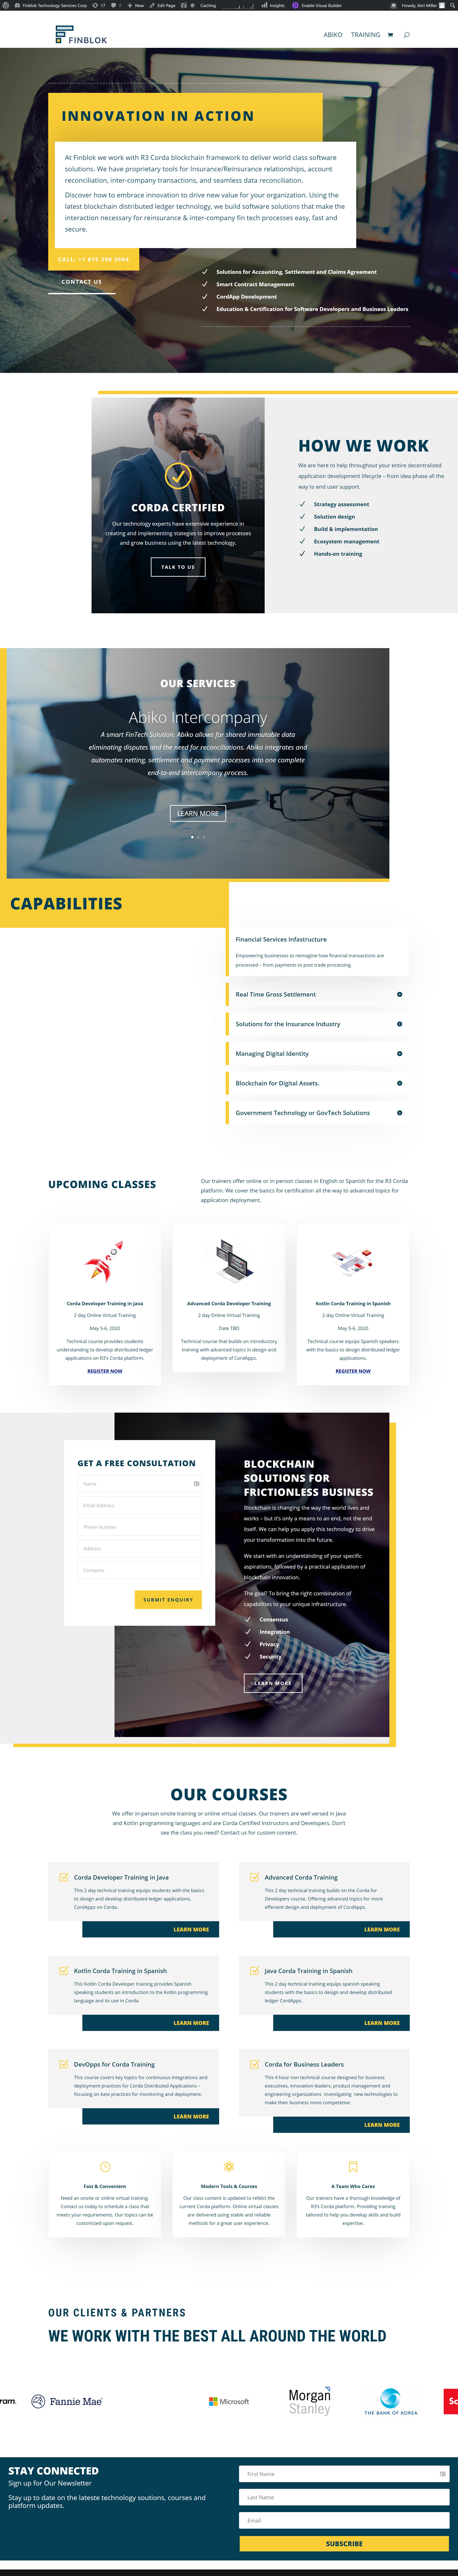 Finblok homepage